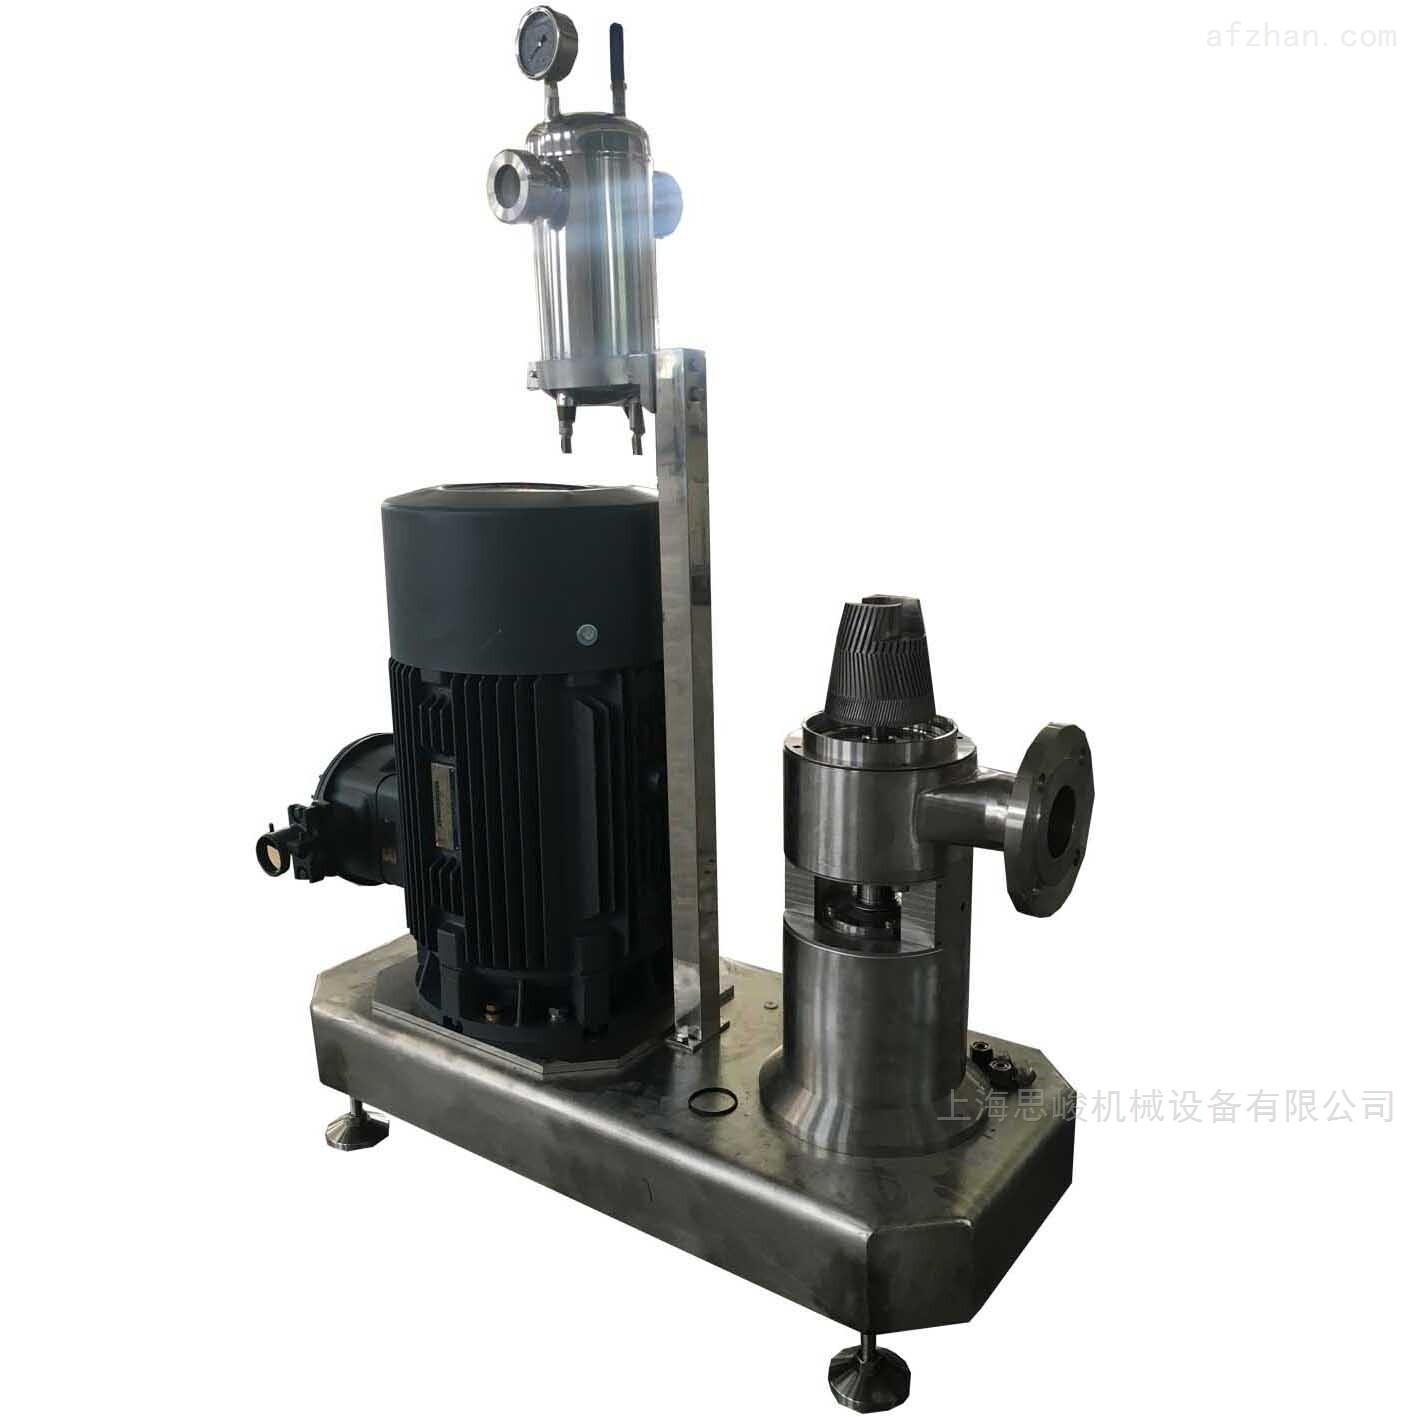 苏阿昔洛韦制剂高速乳化机